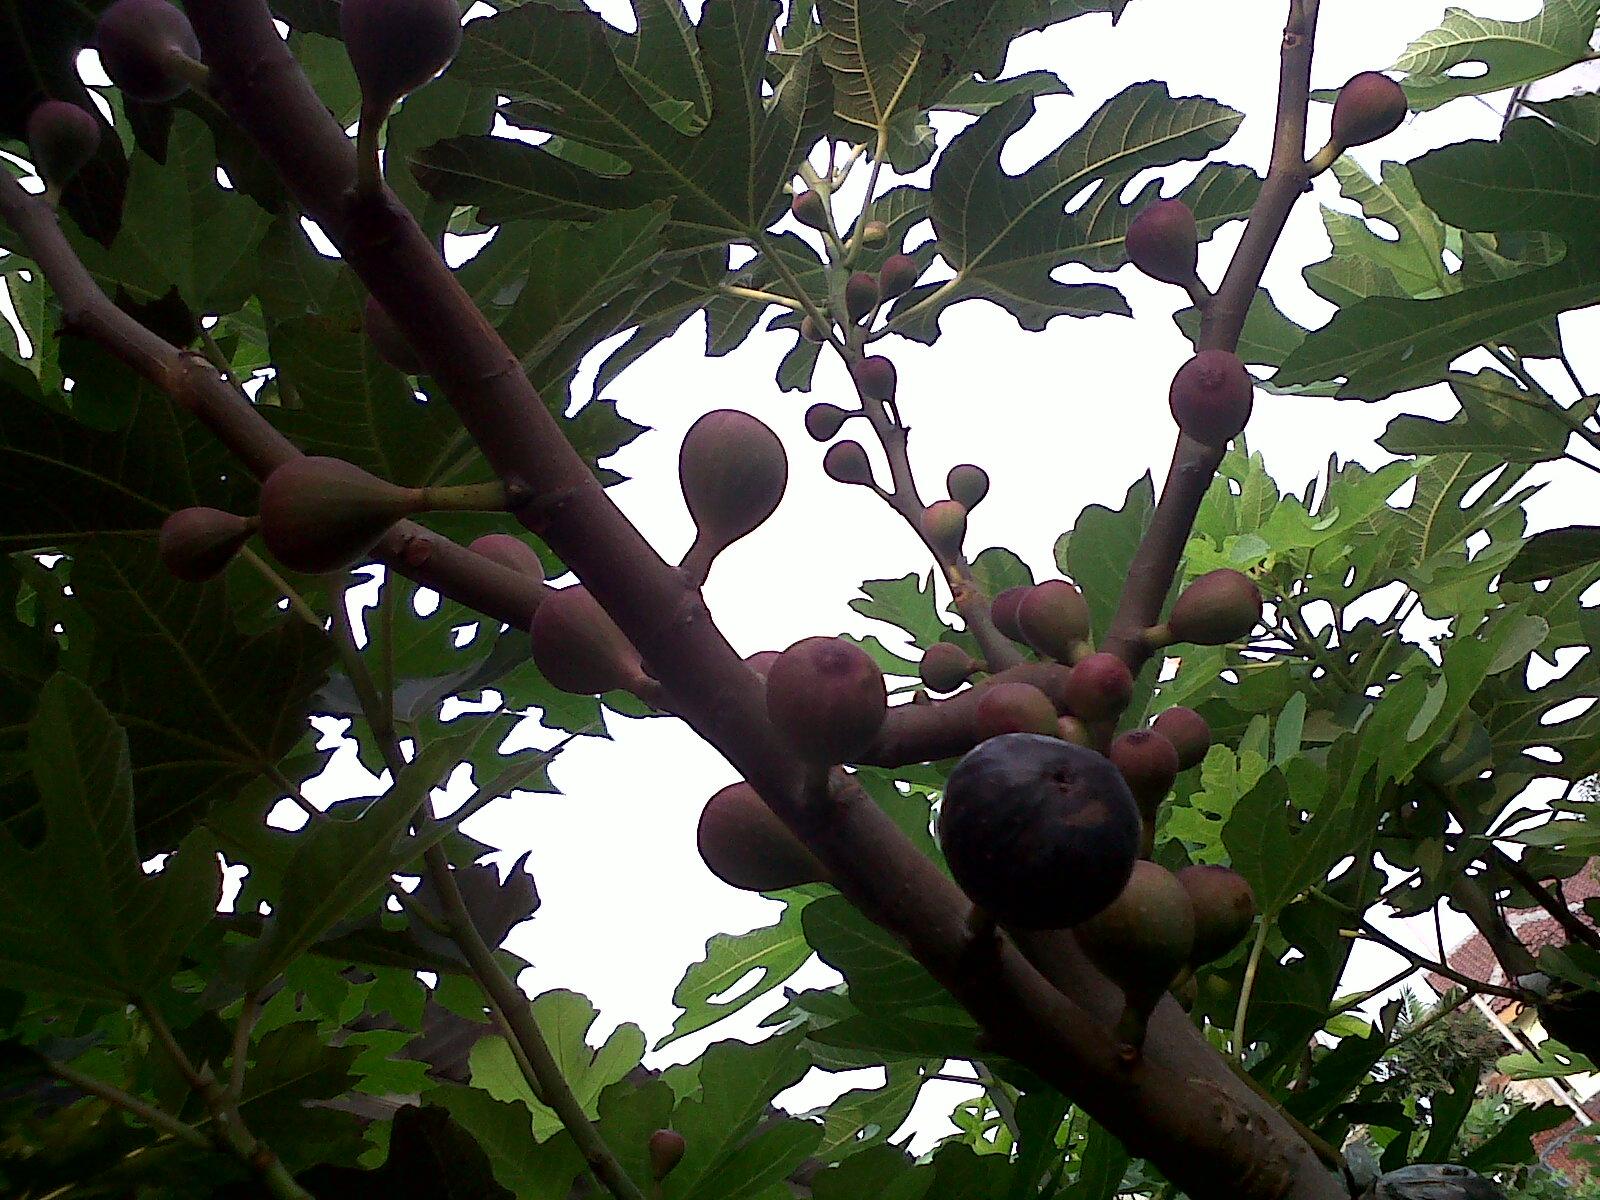 Koleksi pohon ara pohon tin yang penulis miliki saat ini